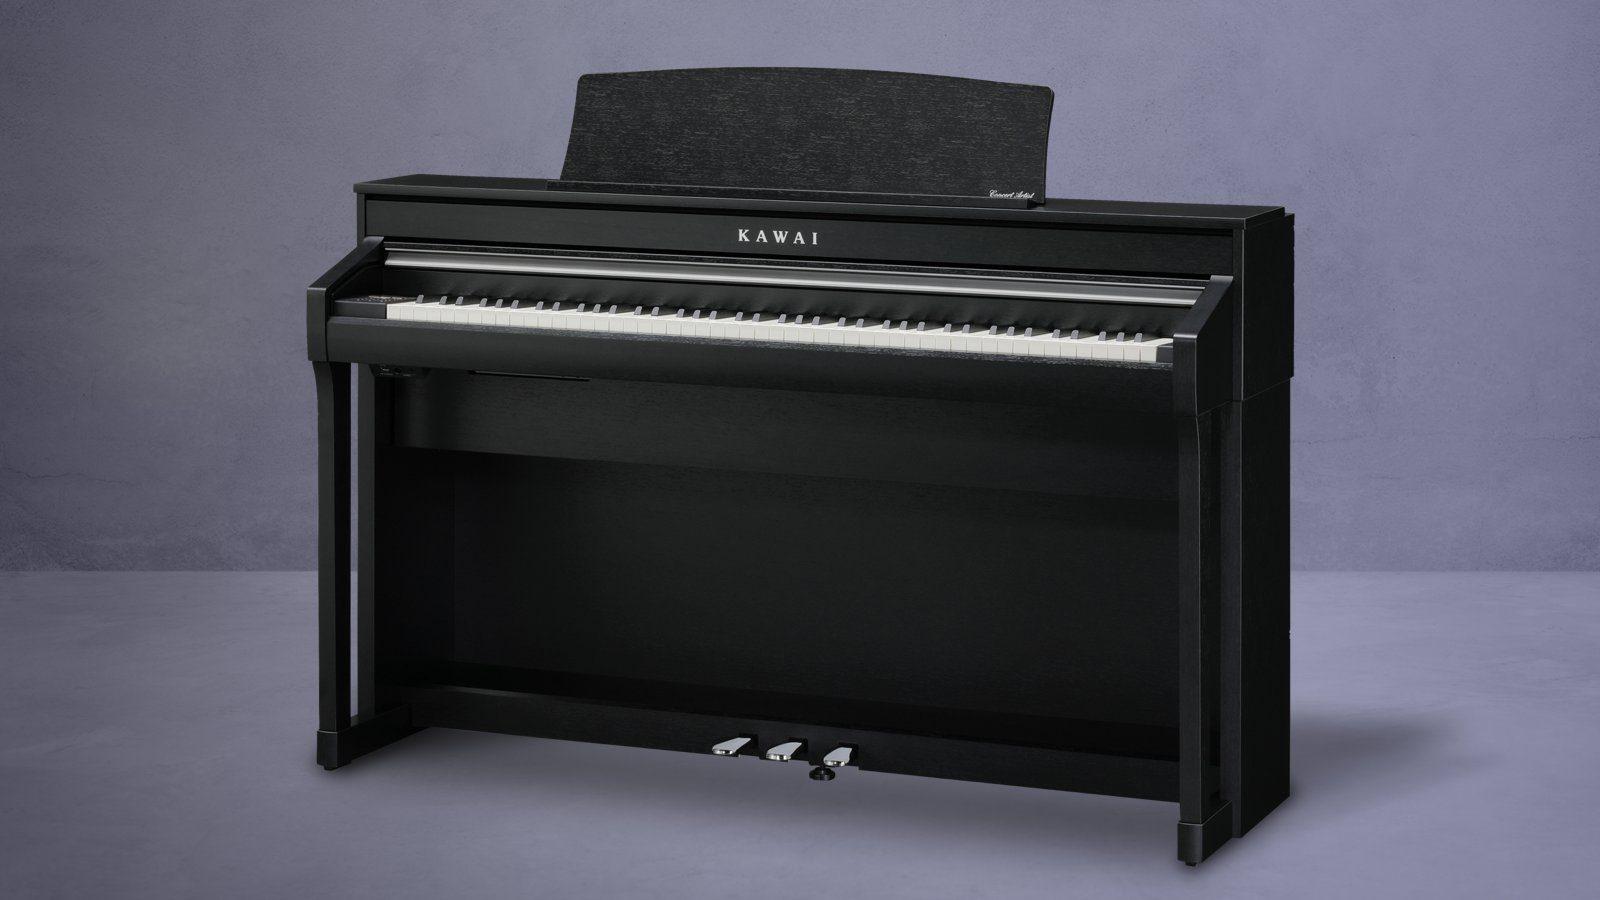 Kawai CA58 Digitalpiano mit Holztasten